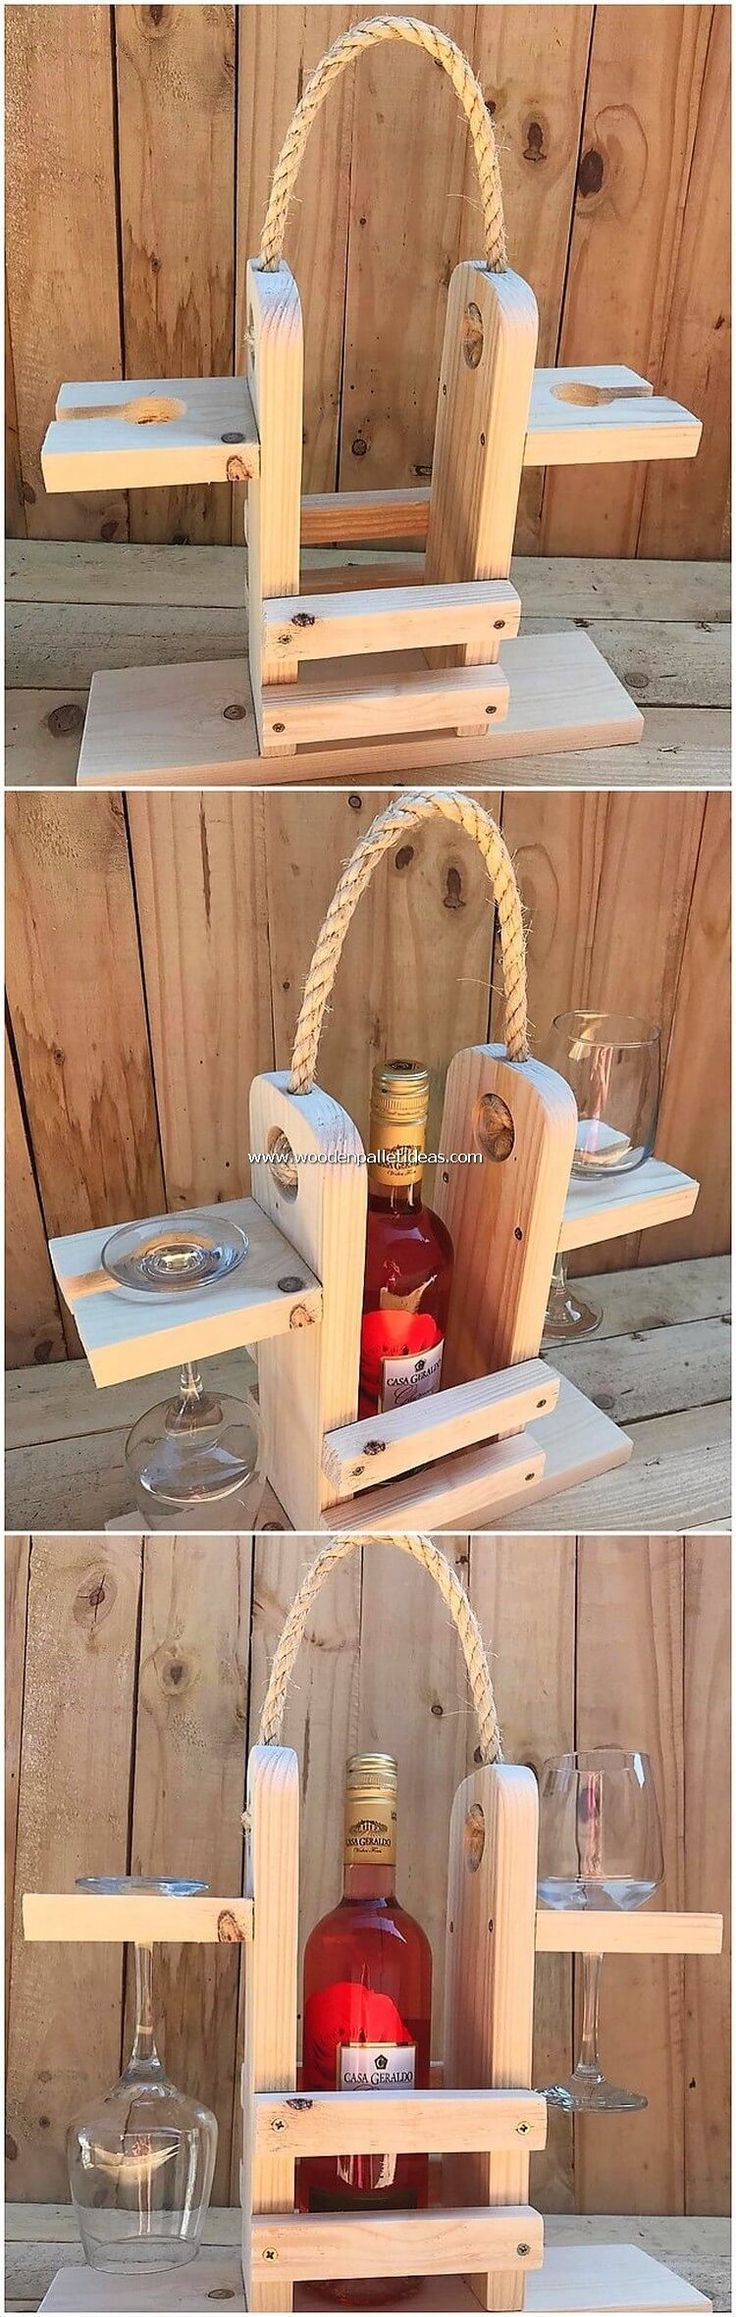 Naja nichts kann sich besser anfühlen als die Weinflaschenhalteranordnung aus … #WoodWorking